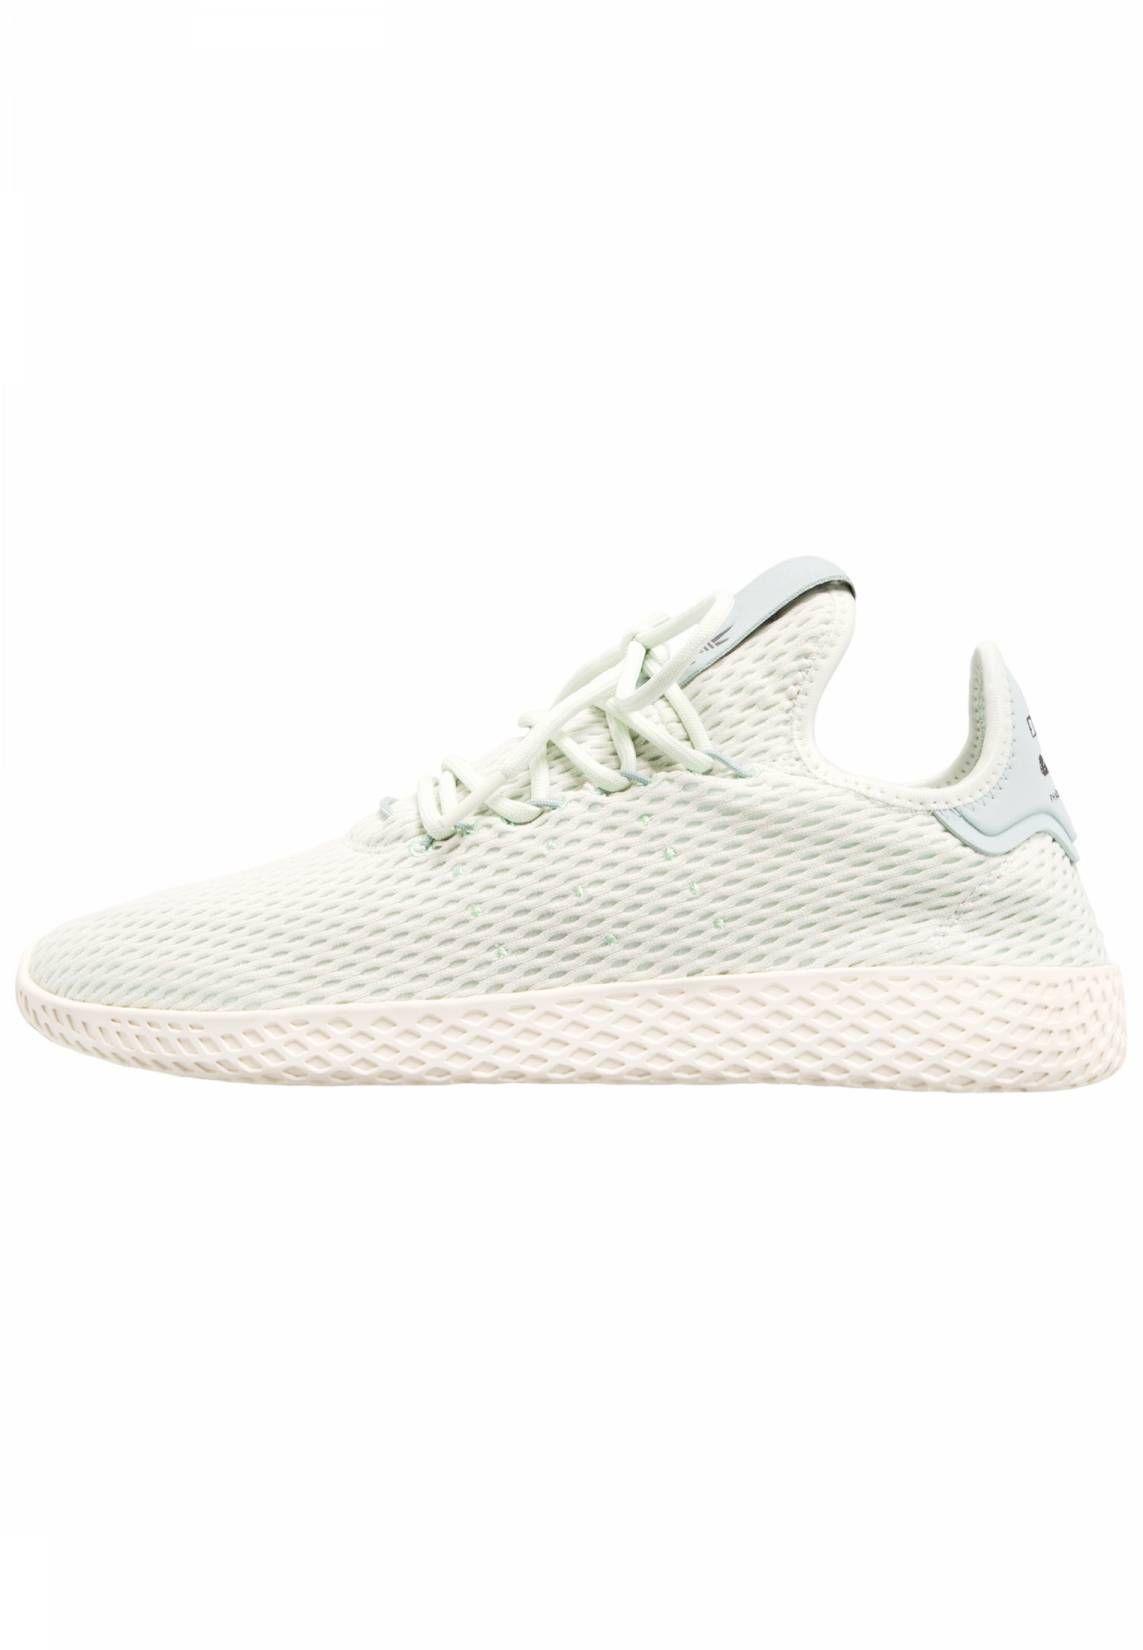 PW TENNIS HU - Sneaker low - core black/core white DPiQLv1G